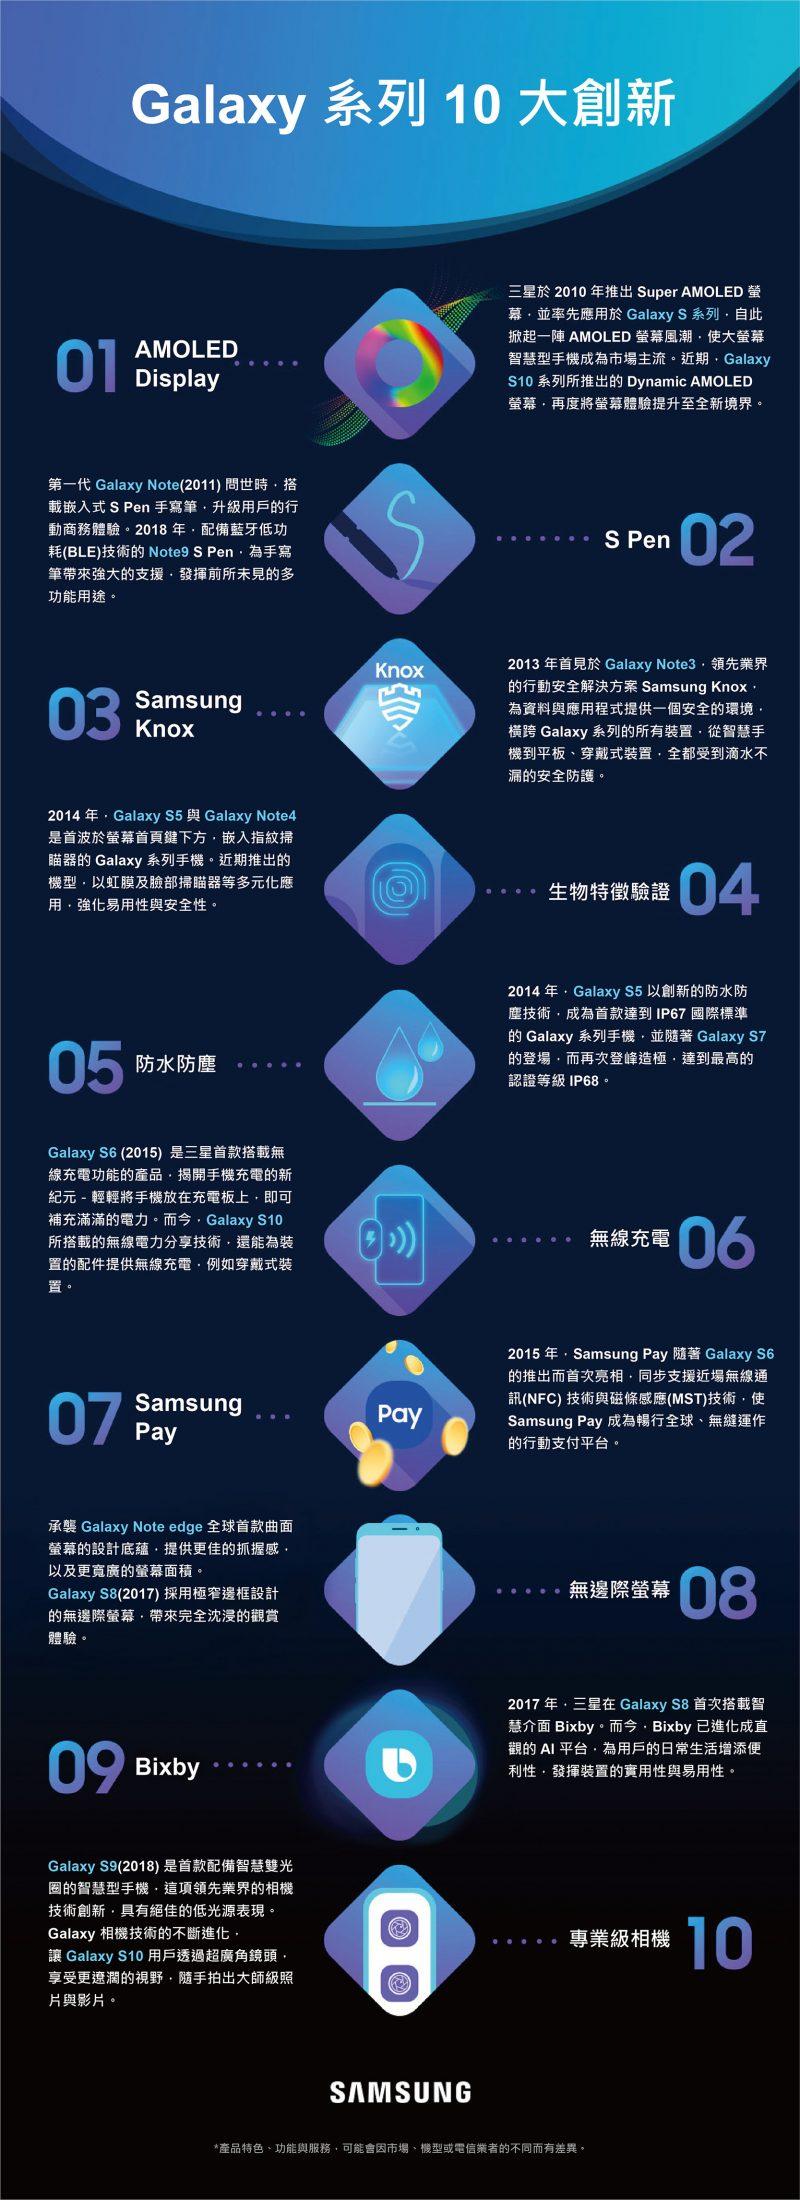 【转载】集十年之大成:Samsung Galaxy 系列十大创新亮点回顾 17